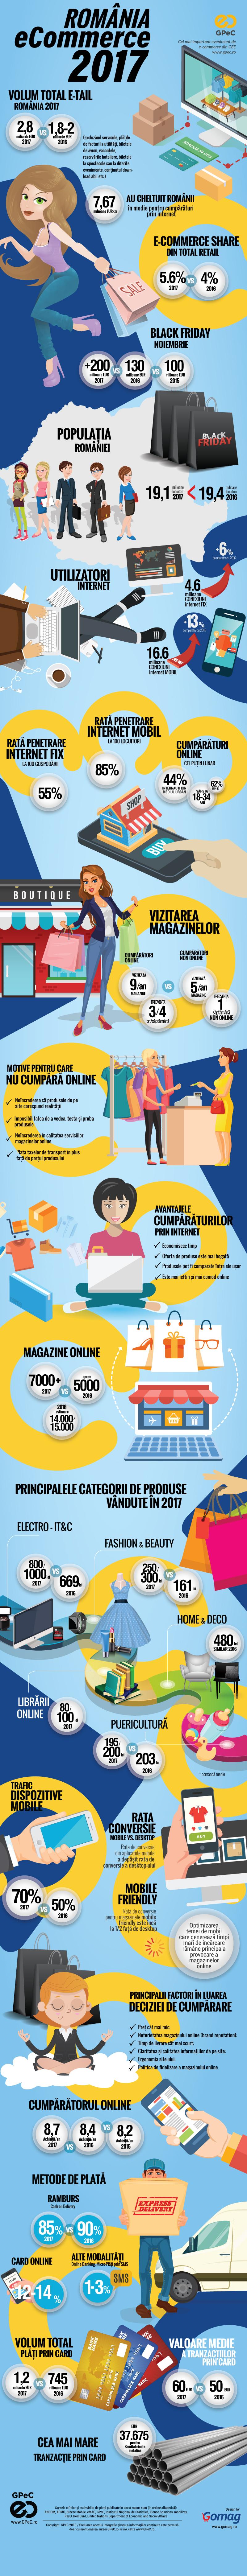 GPeC Piata romaneasca de e-commerce 2017